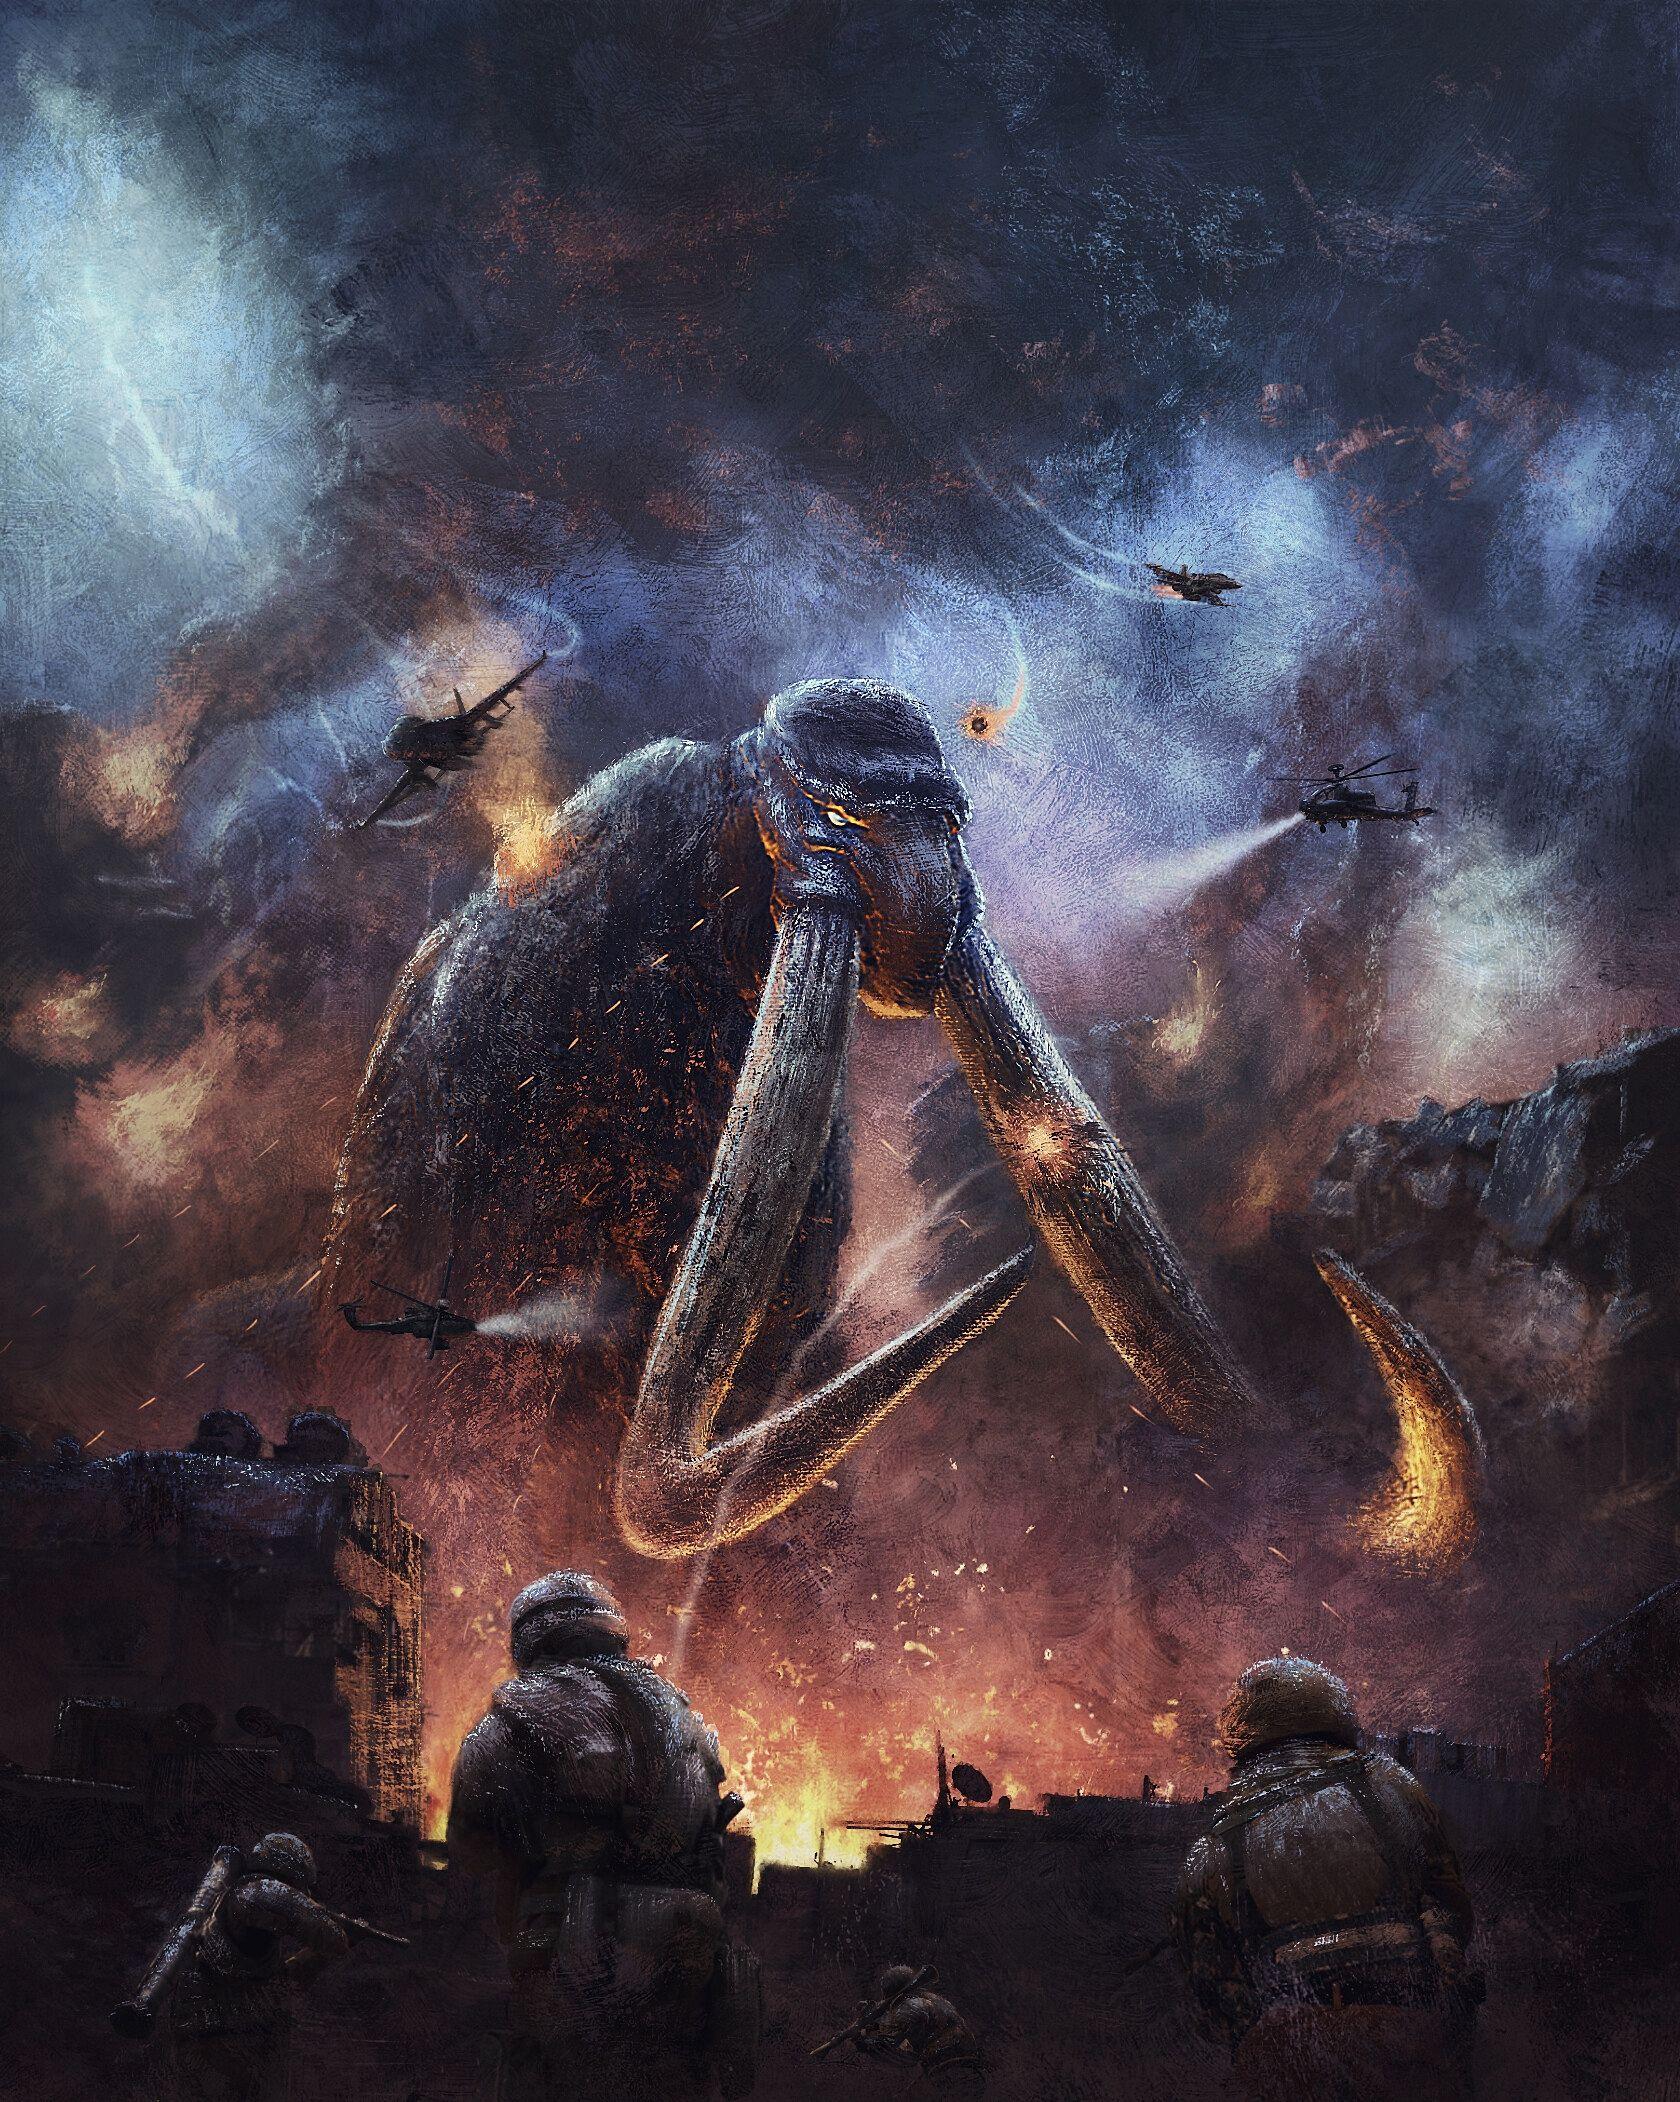 Titanus Behemoth Alex Crow Godzilla, All godzilla